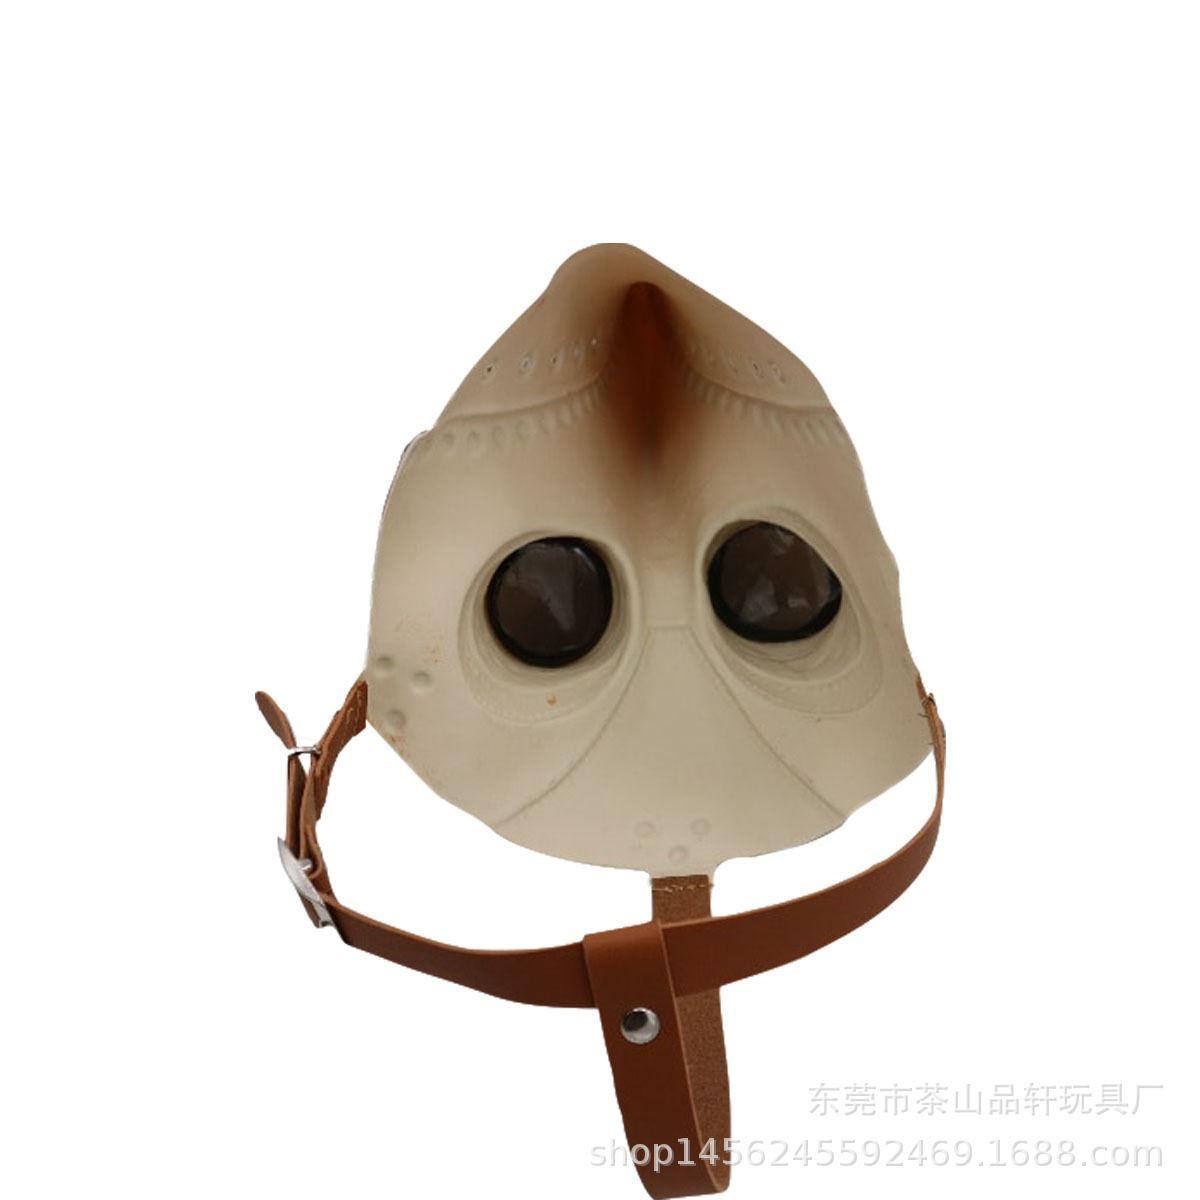 هالوين قناع كوس الشرير الطاعون الطيور فم طبيب الأوروبي وحزب مهرجان الرقص الأمريكي لوازم تأثيري الدعائم